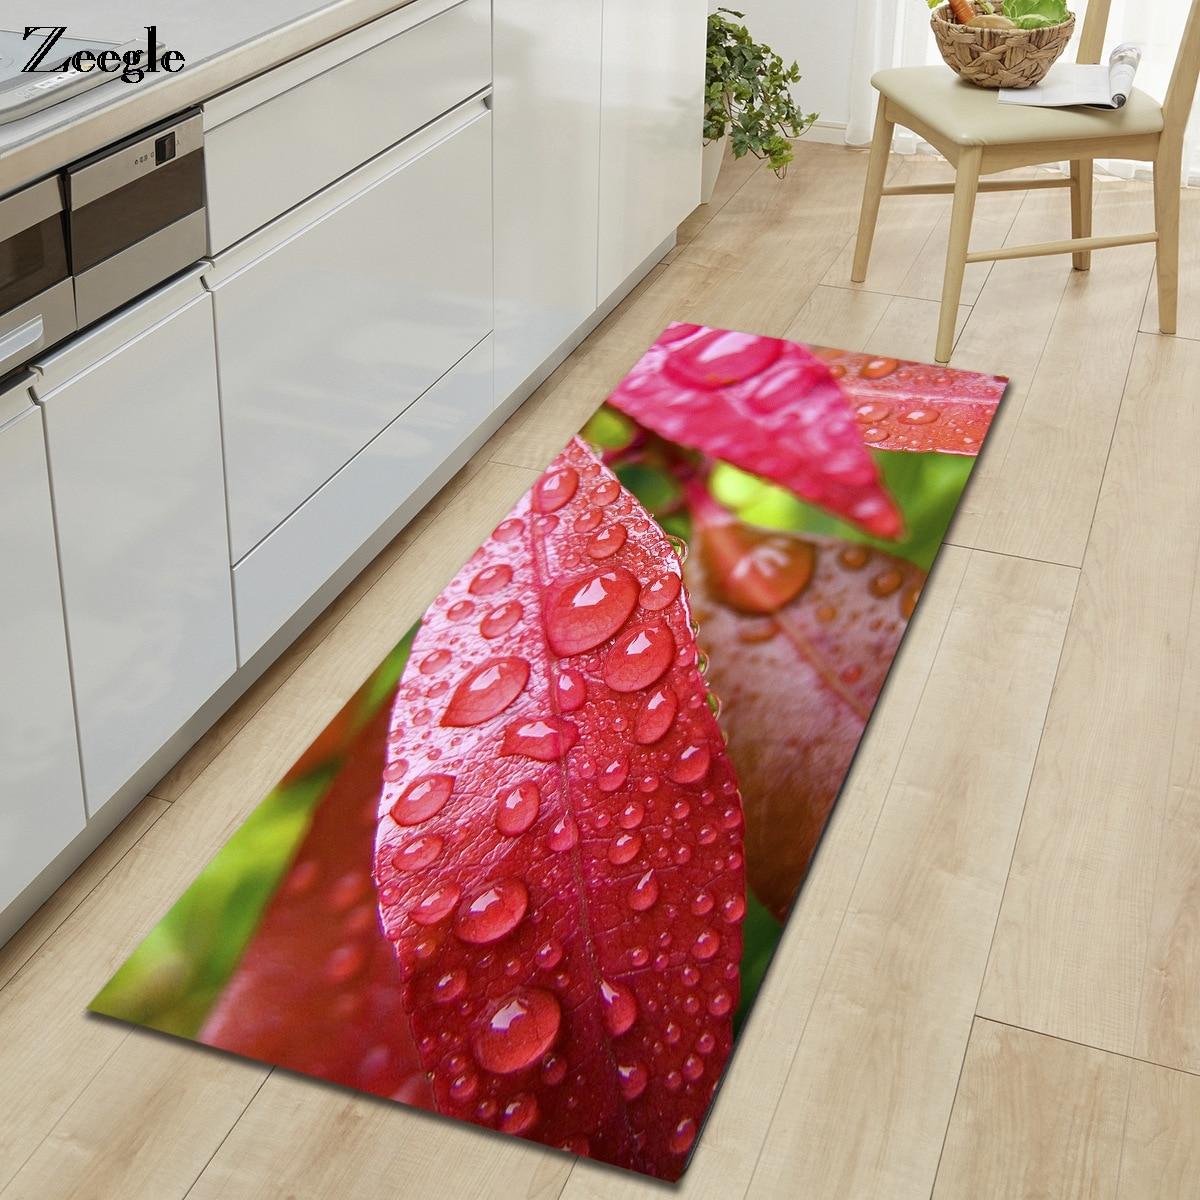 Zeegle paillasson cuisine Non-silp tapis de sol tapis de bain Table basse tapis absorbant tapis de salon enfant tapis bébé